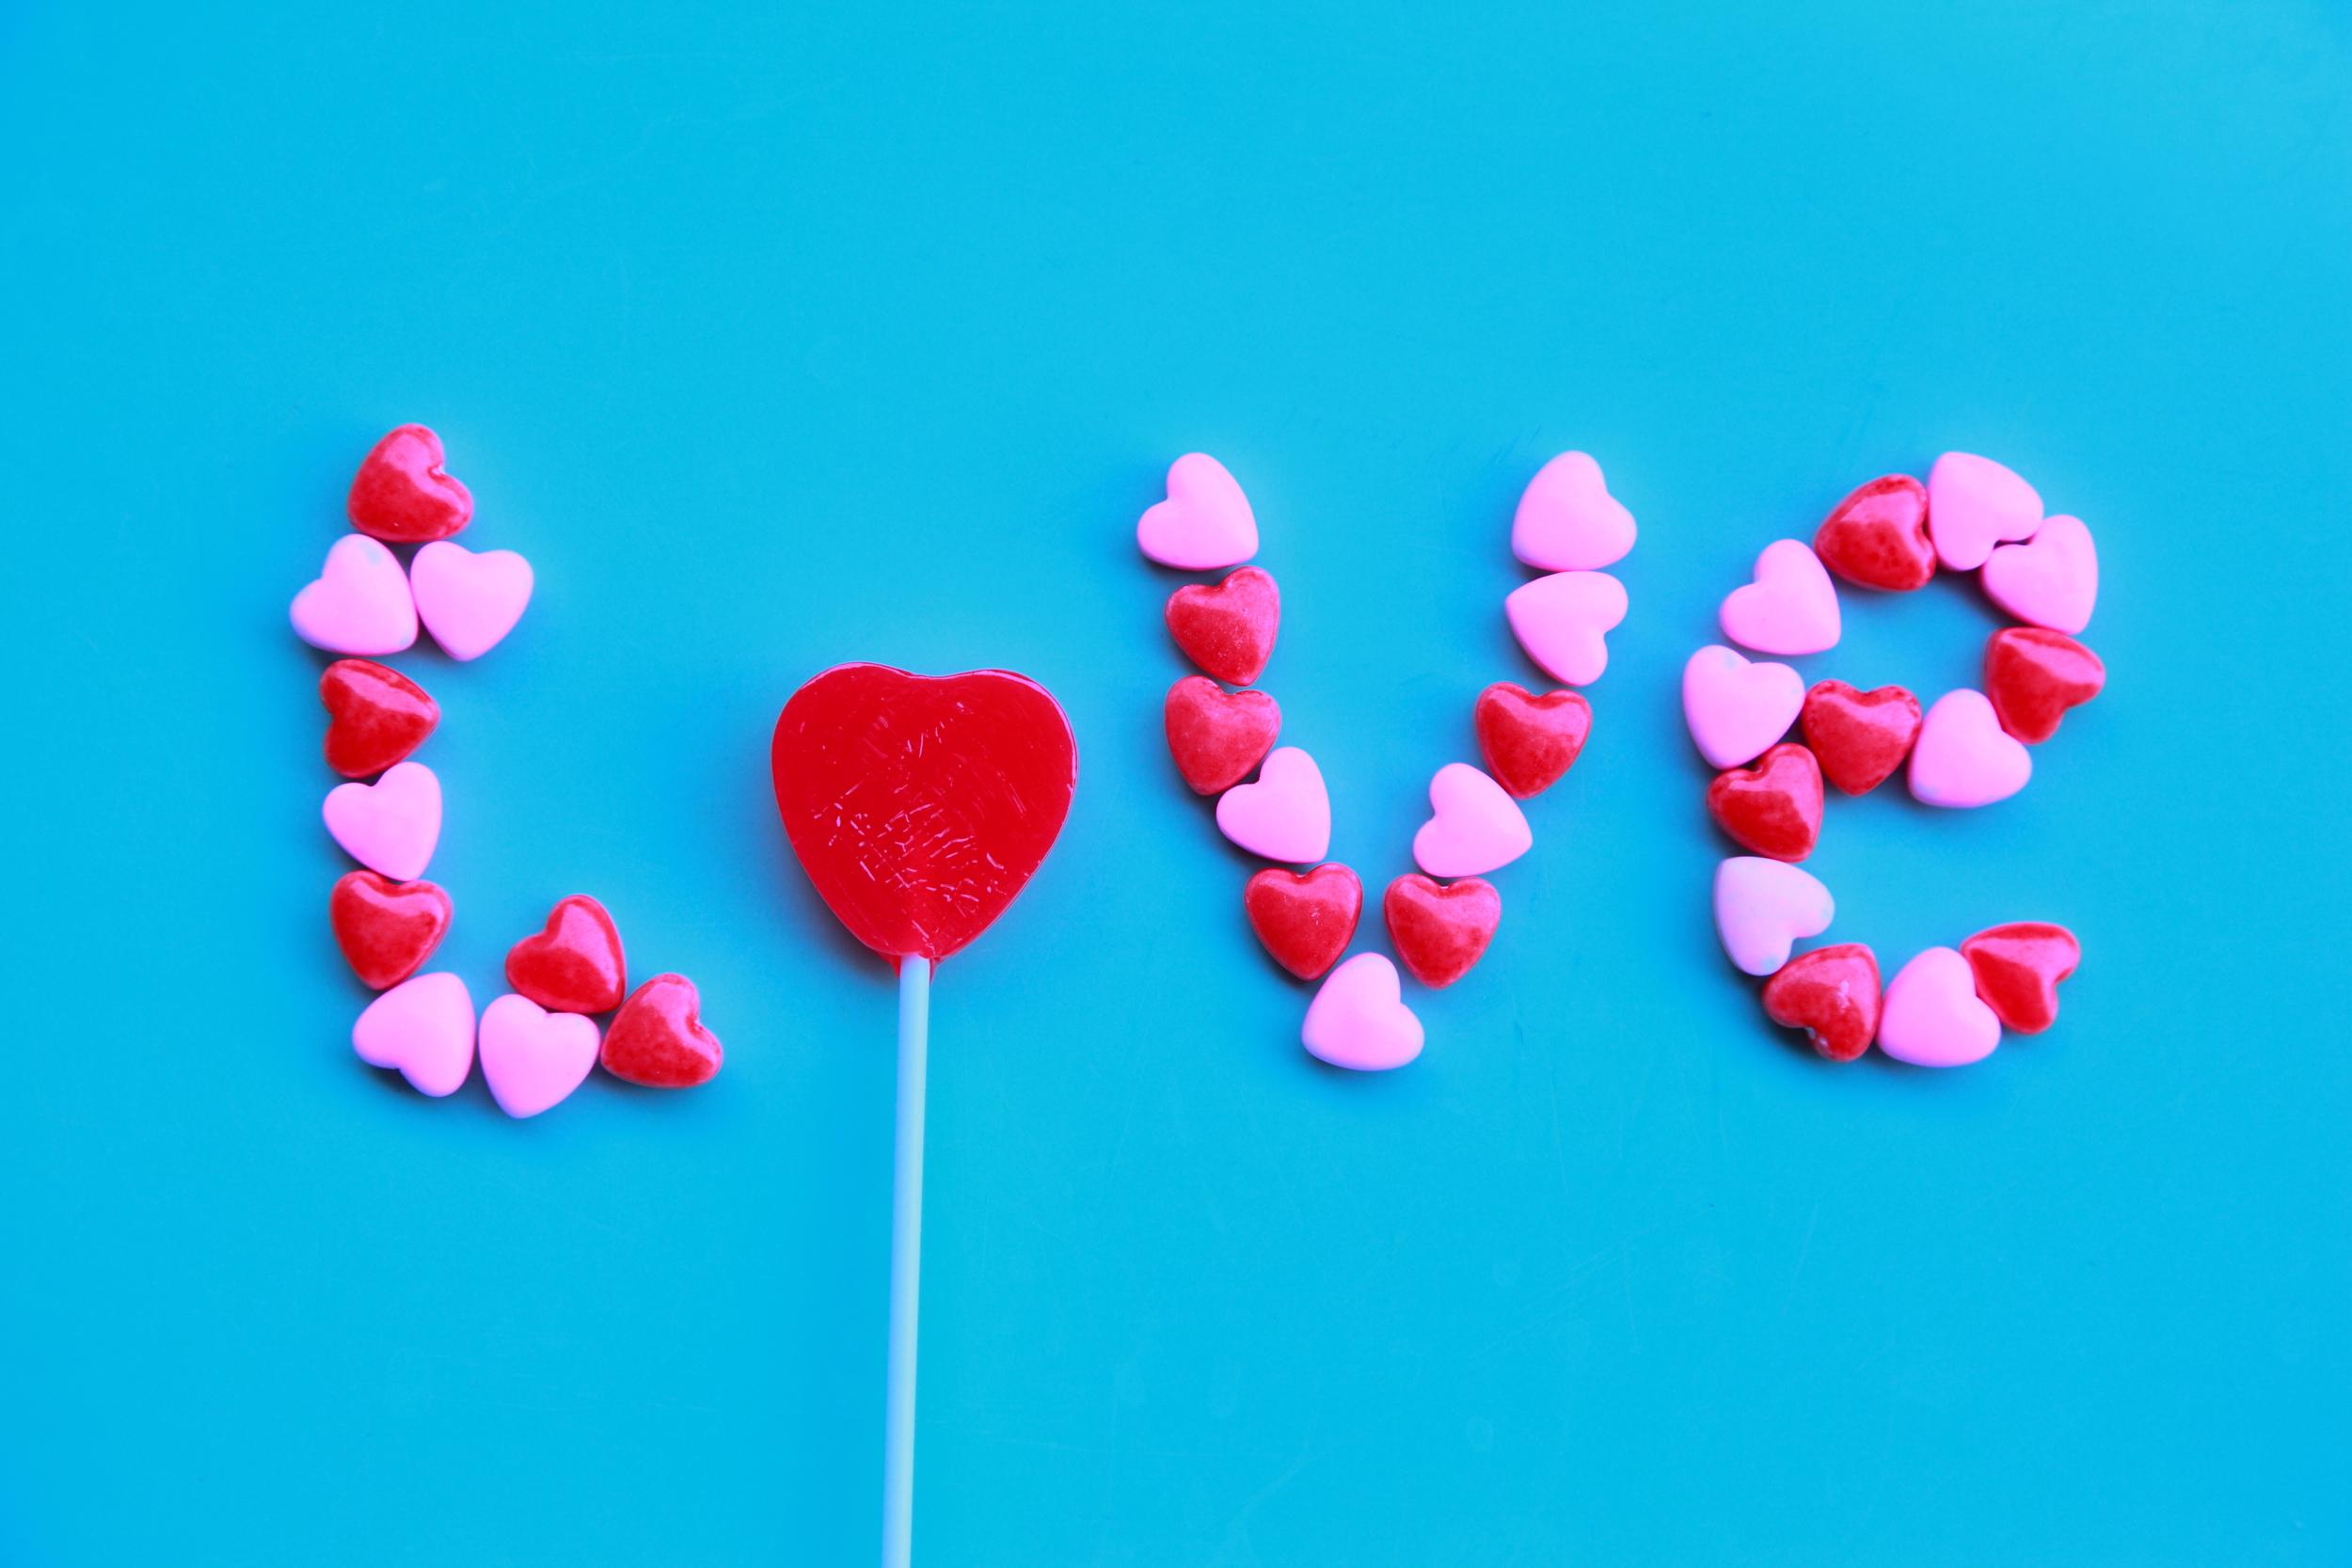 Echte Liebe?  von Pink Sherbet Photography  (Flickr/CC)